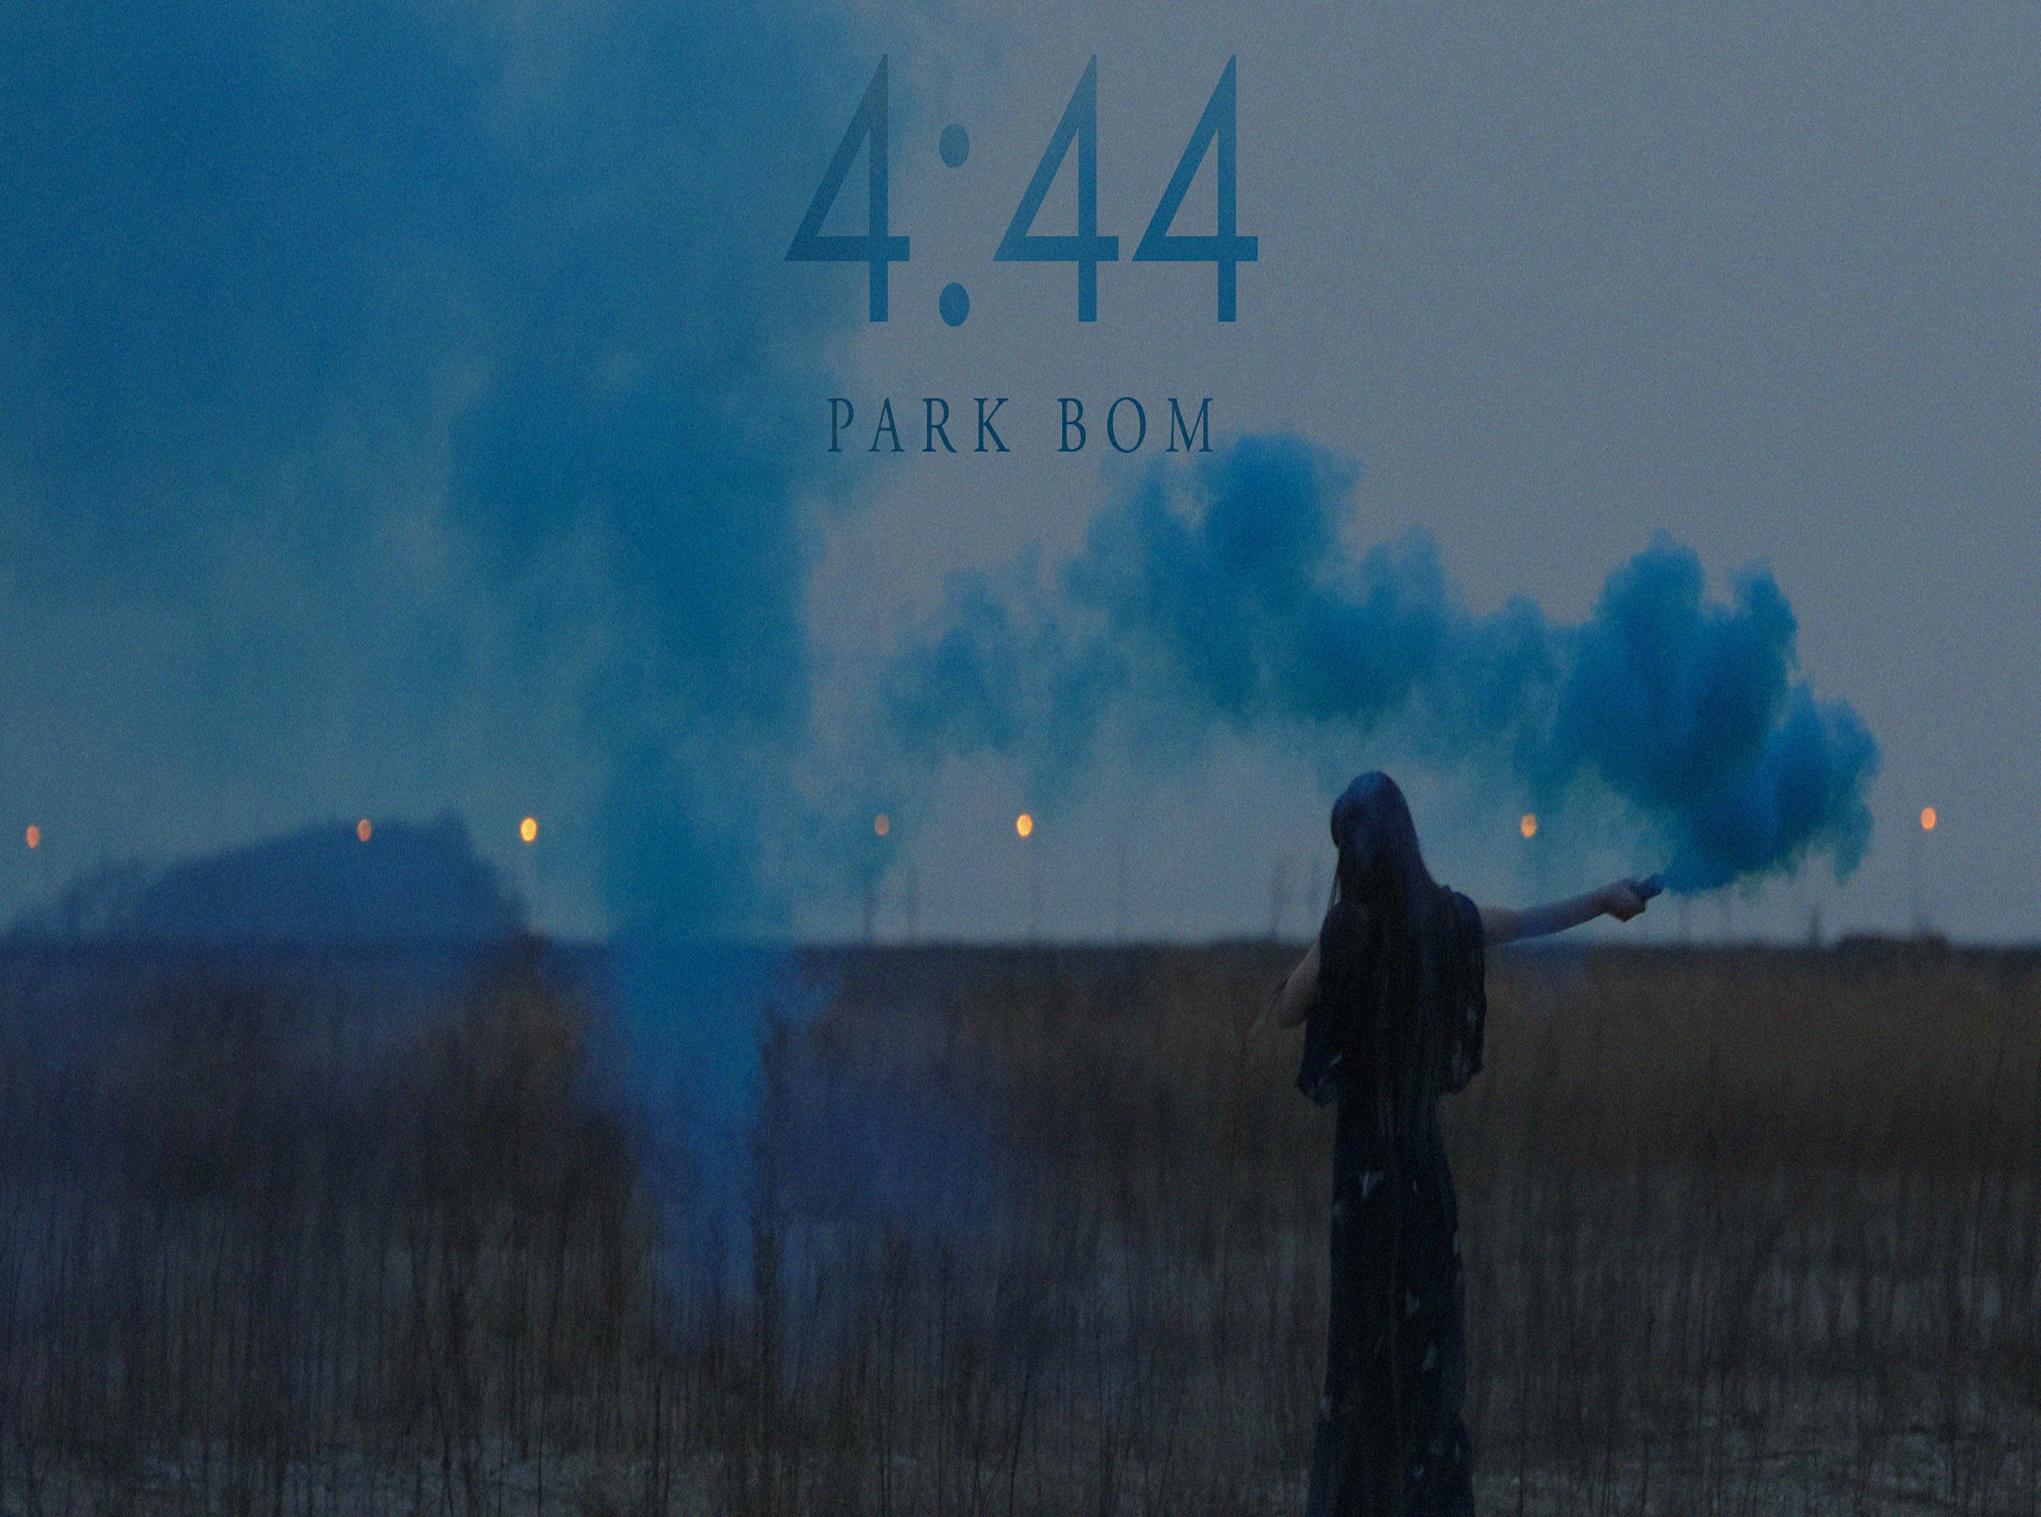 [BOM] 💙지금은 4시 44분🕟💙